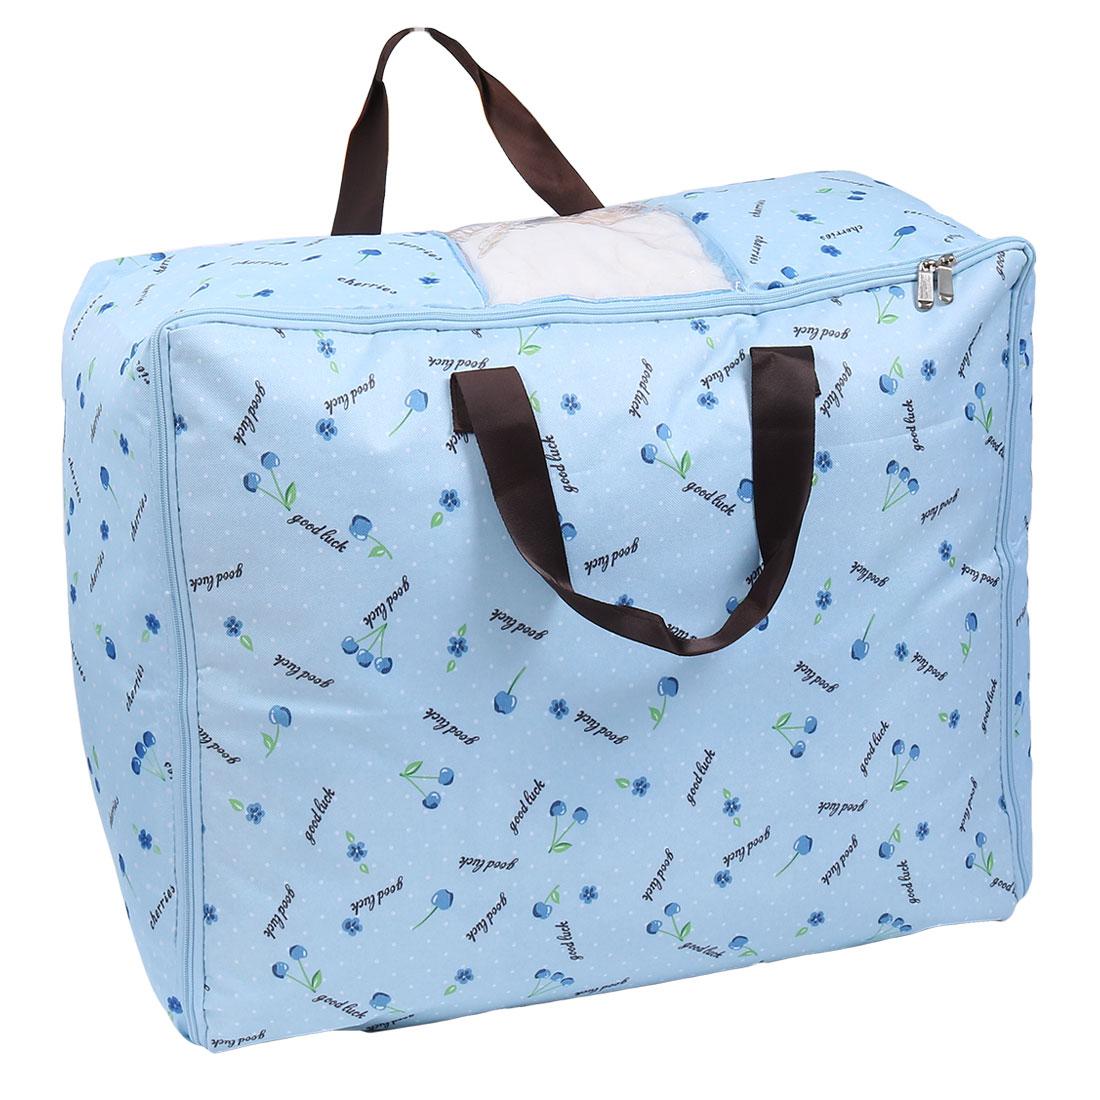 Floral Print Bed Sheets Quilt Duvet Storage Bag Container Blue 60cm x 48cm